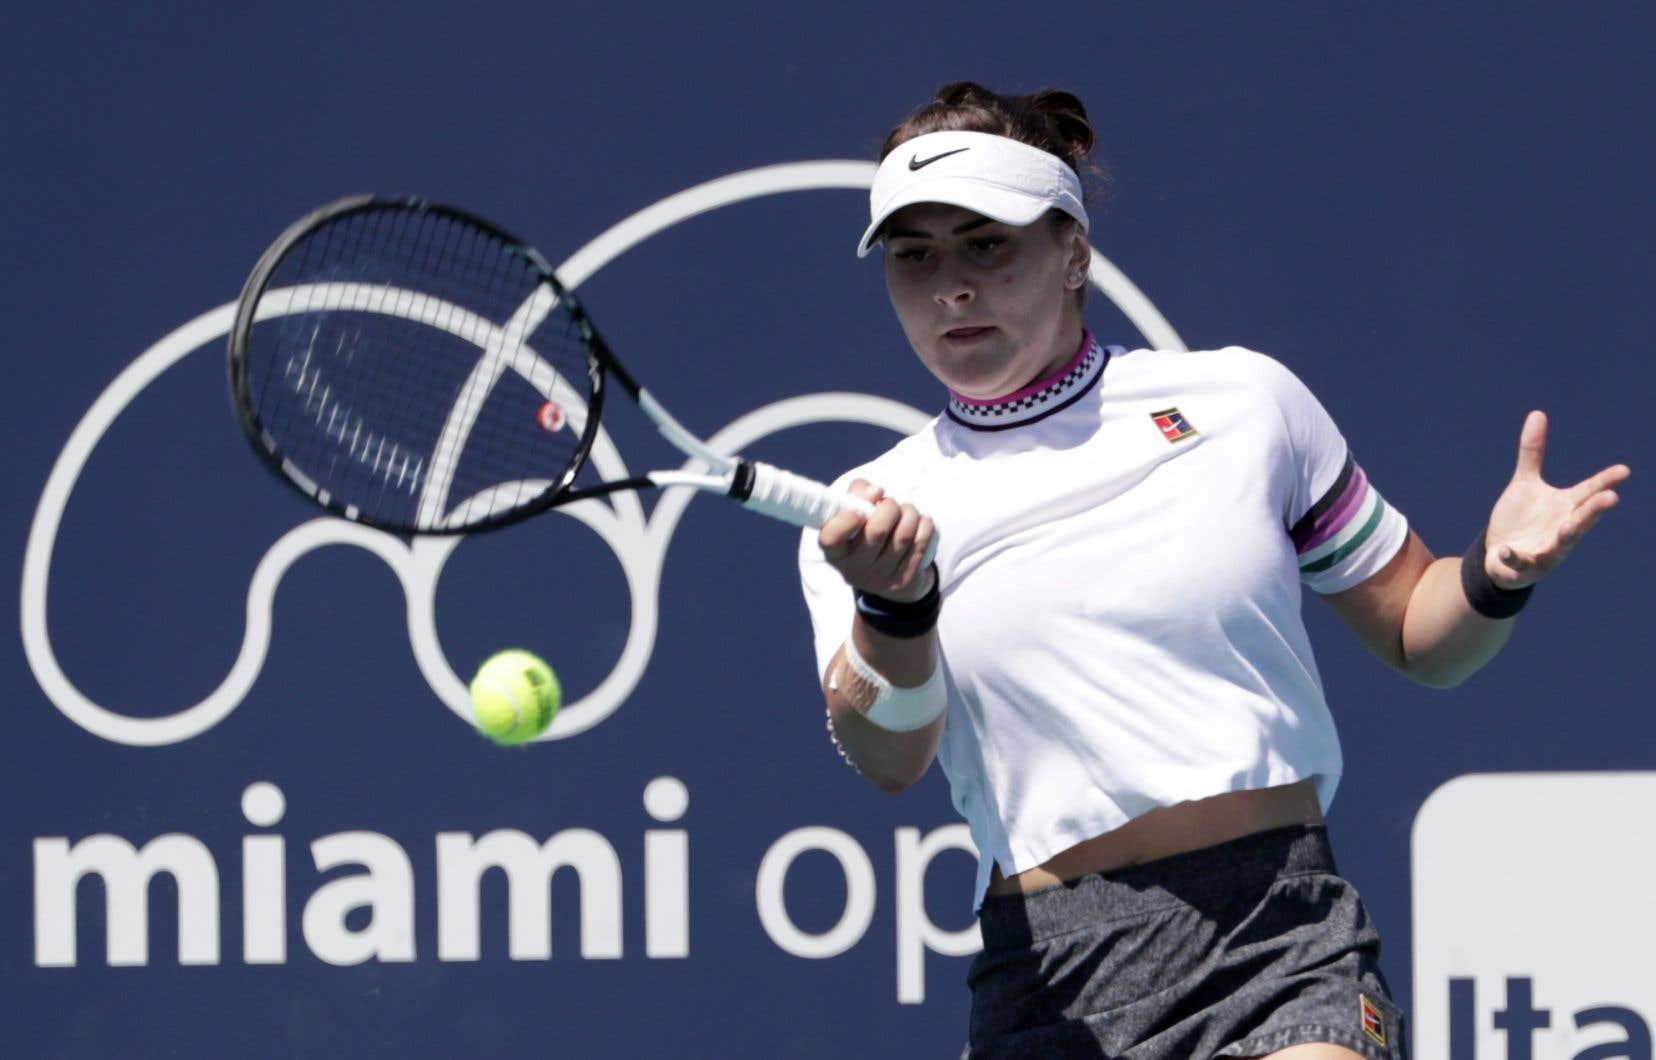 Pour la Canadienne Bianca Andreescu, il s'agit d'une trentième victoire en 33 matchs cette année.